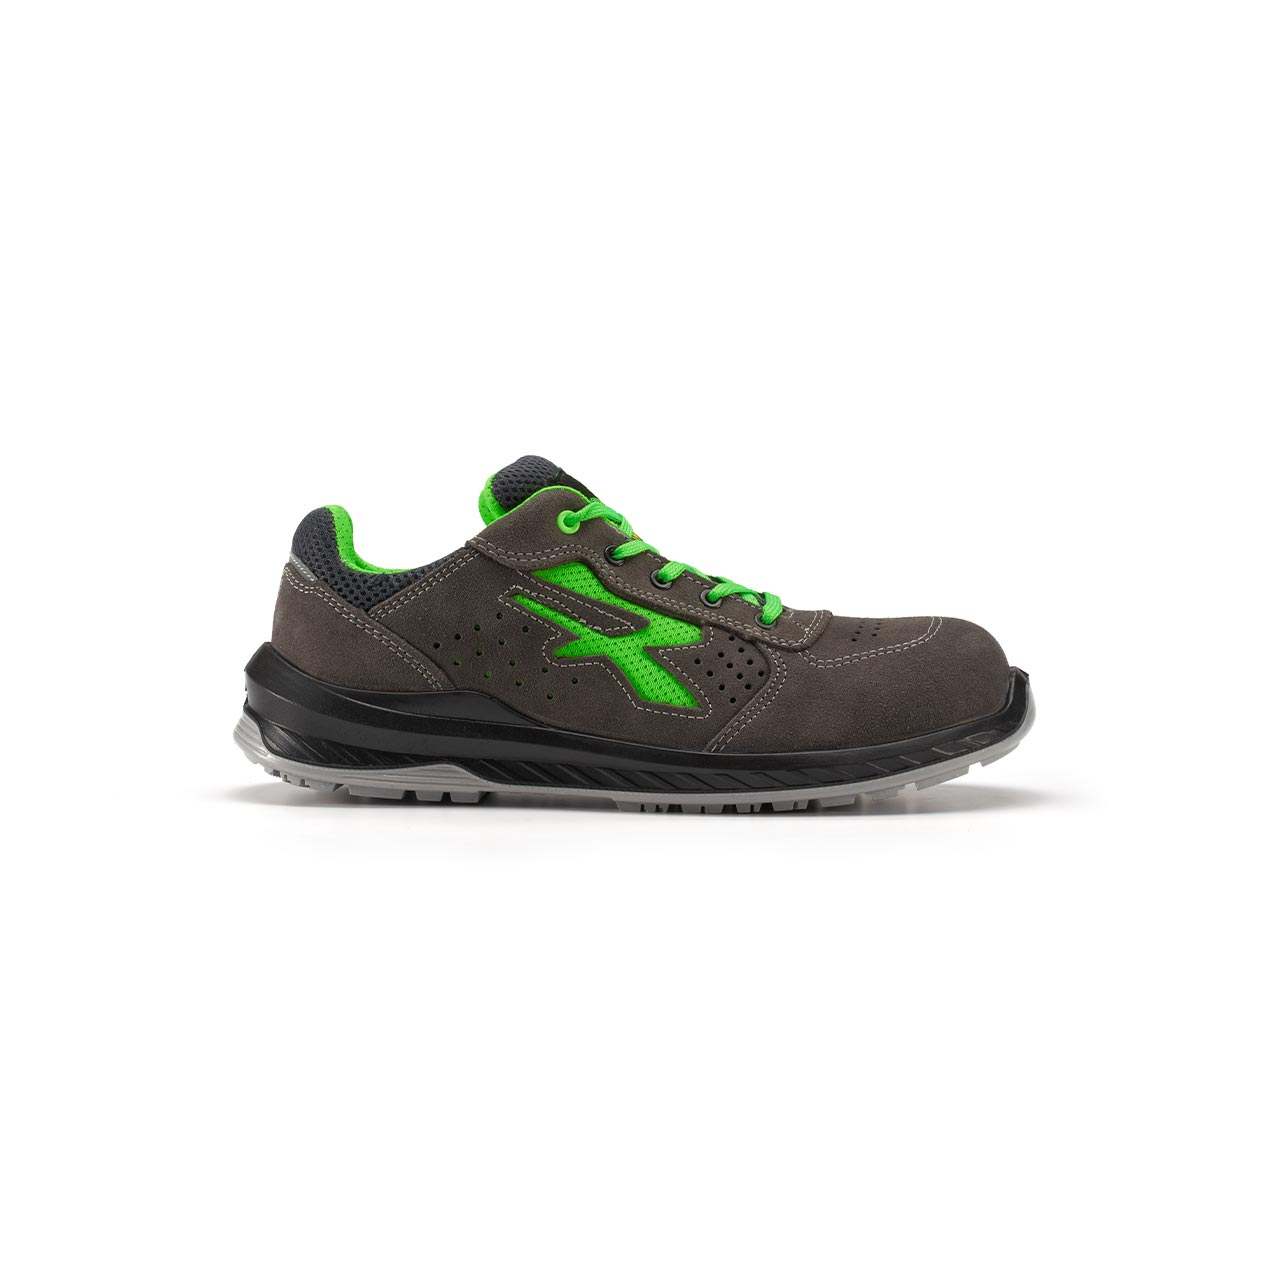 calzatura da lavoro upower modello denver linea redindustry vista lato destro